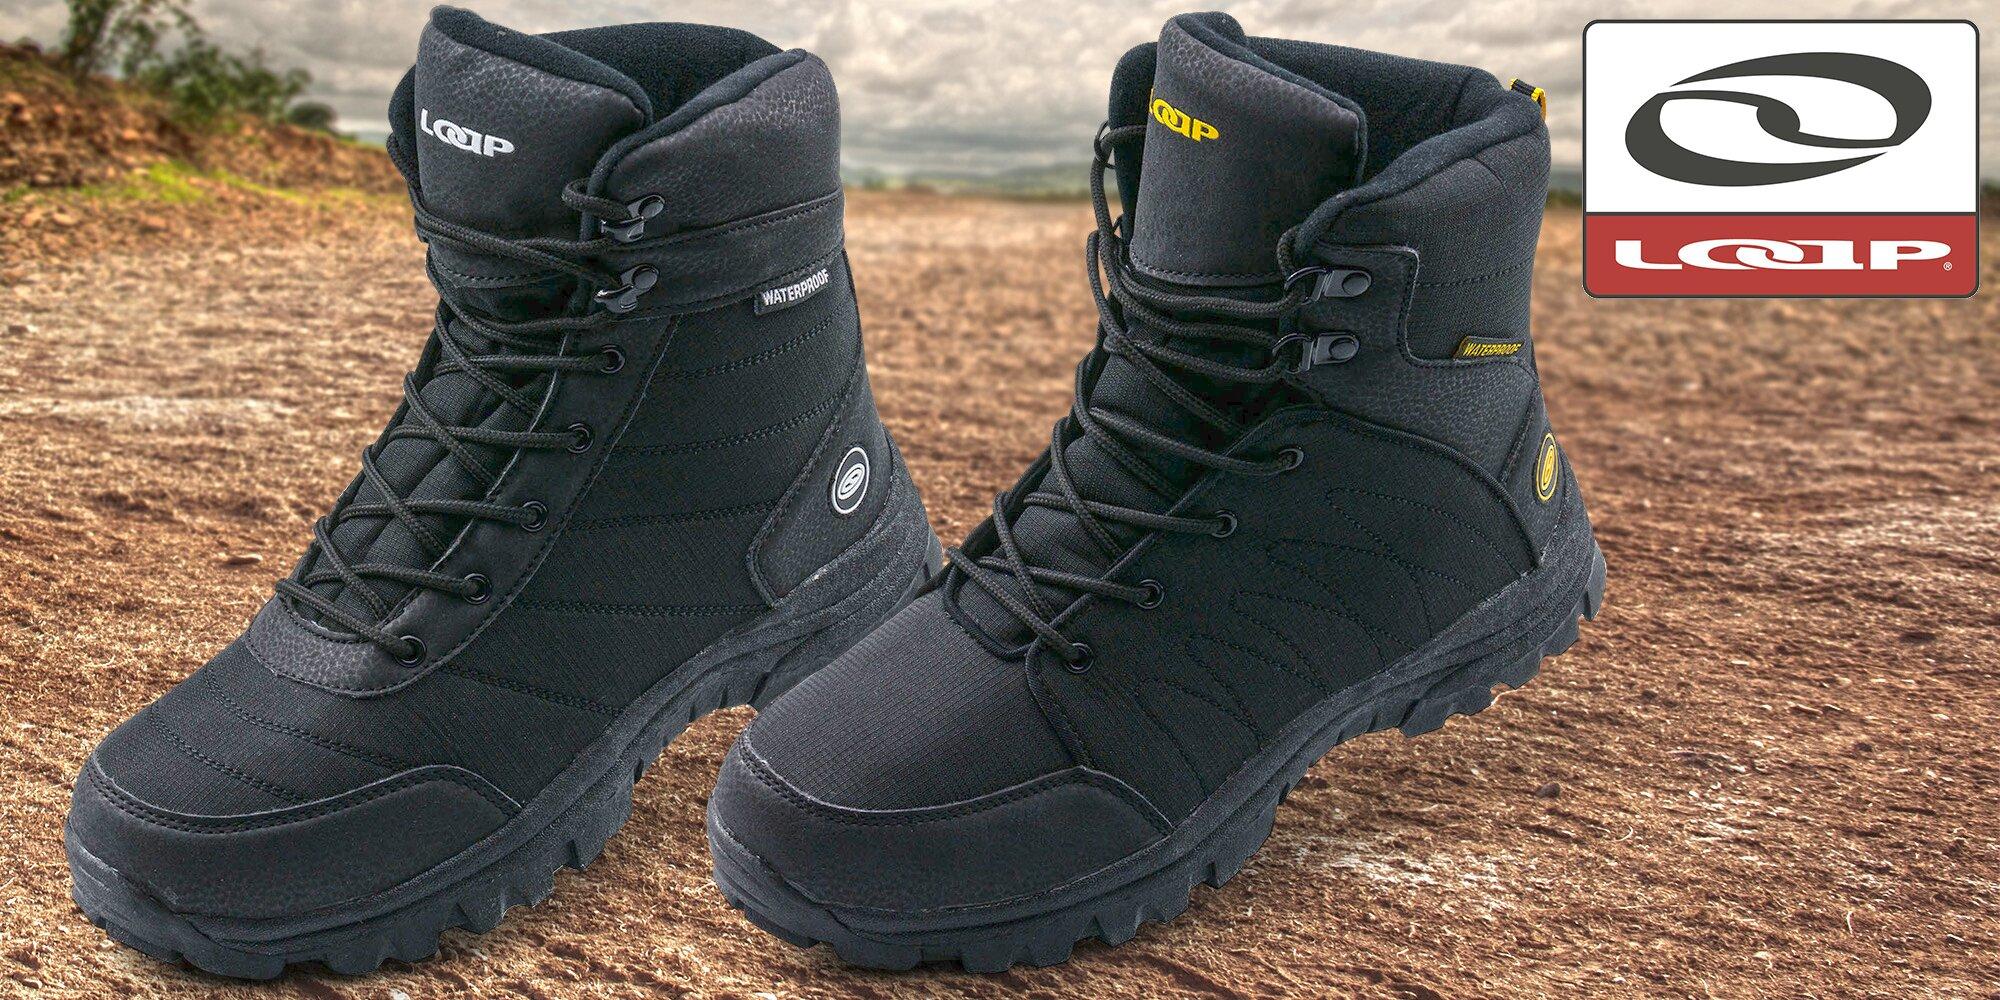 Pánské zimní boty Loap s membránou Waterproof  293f20f57d